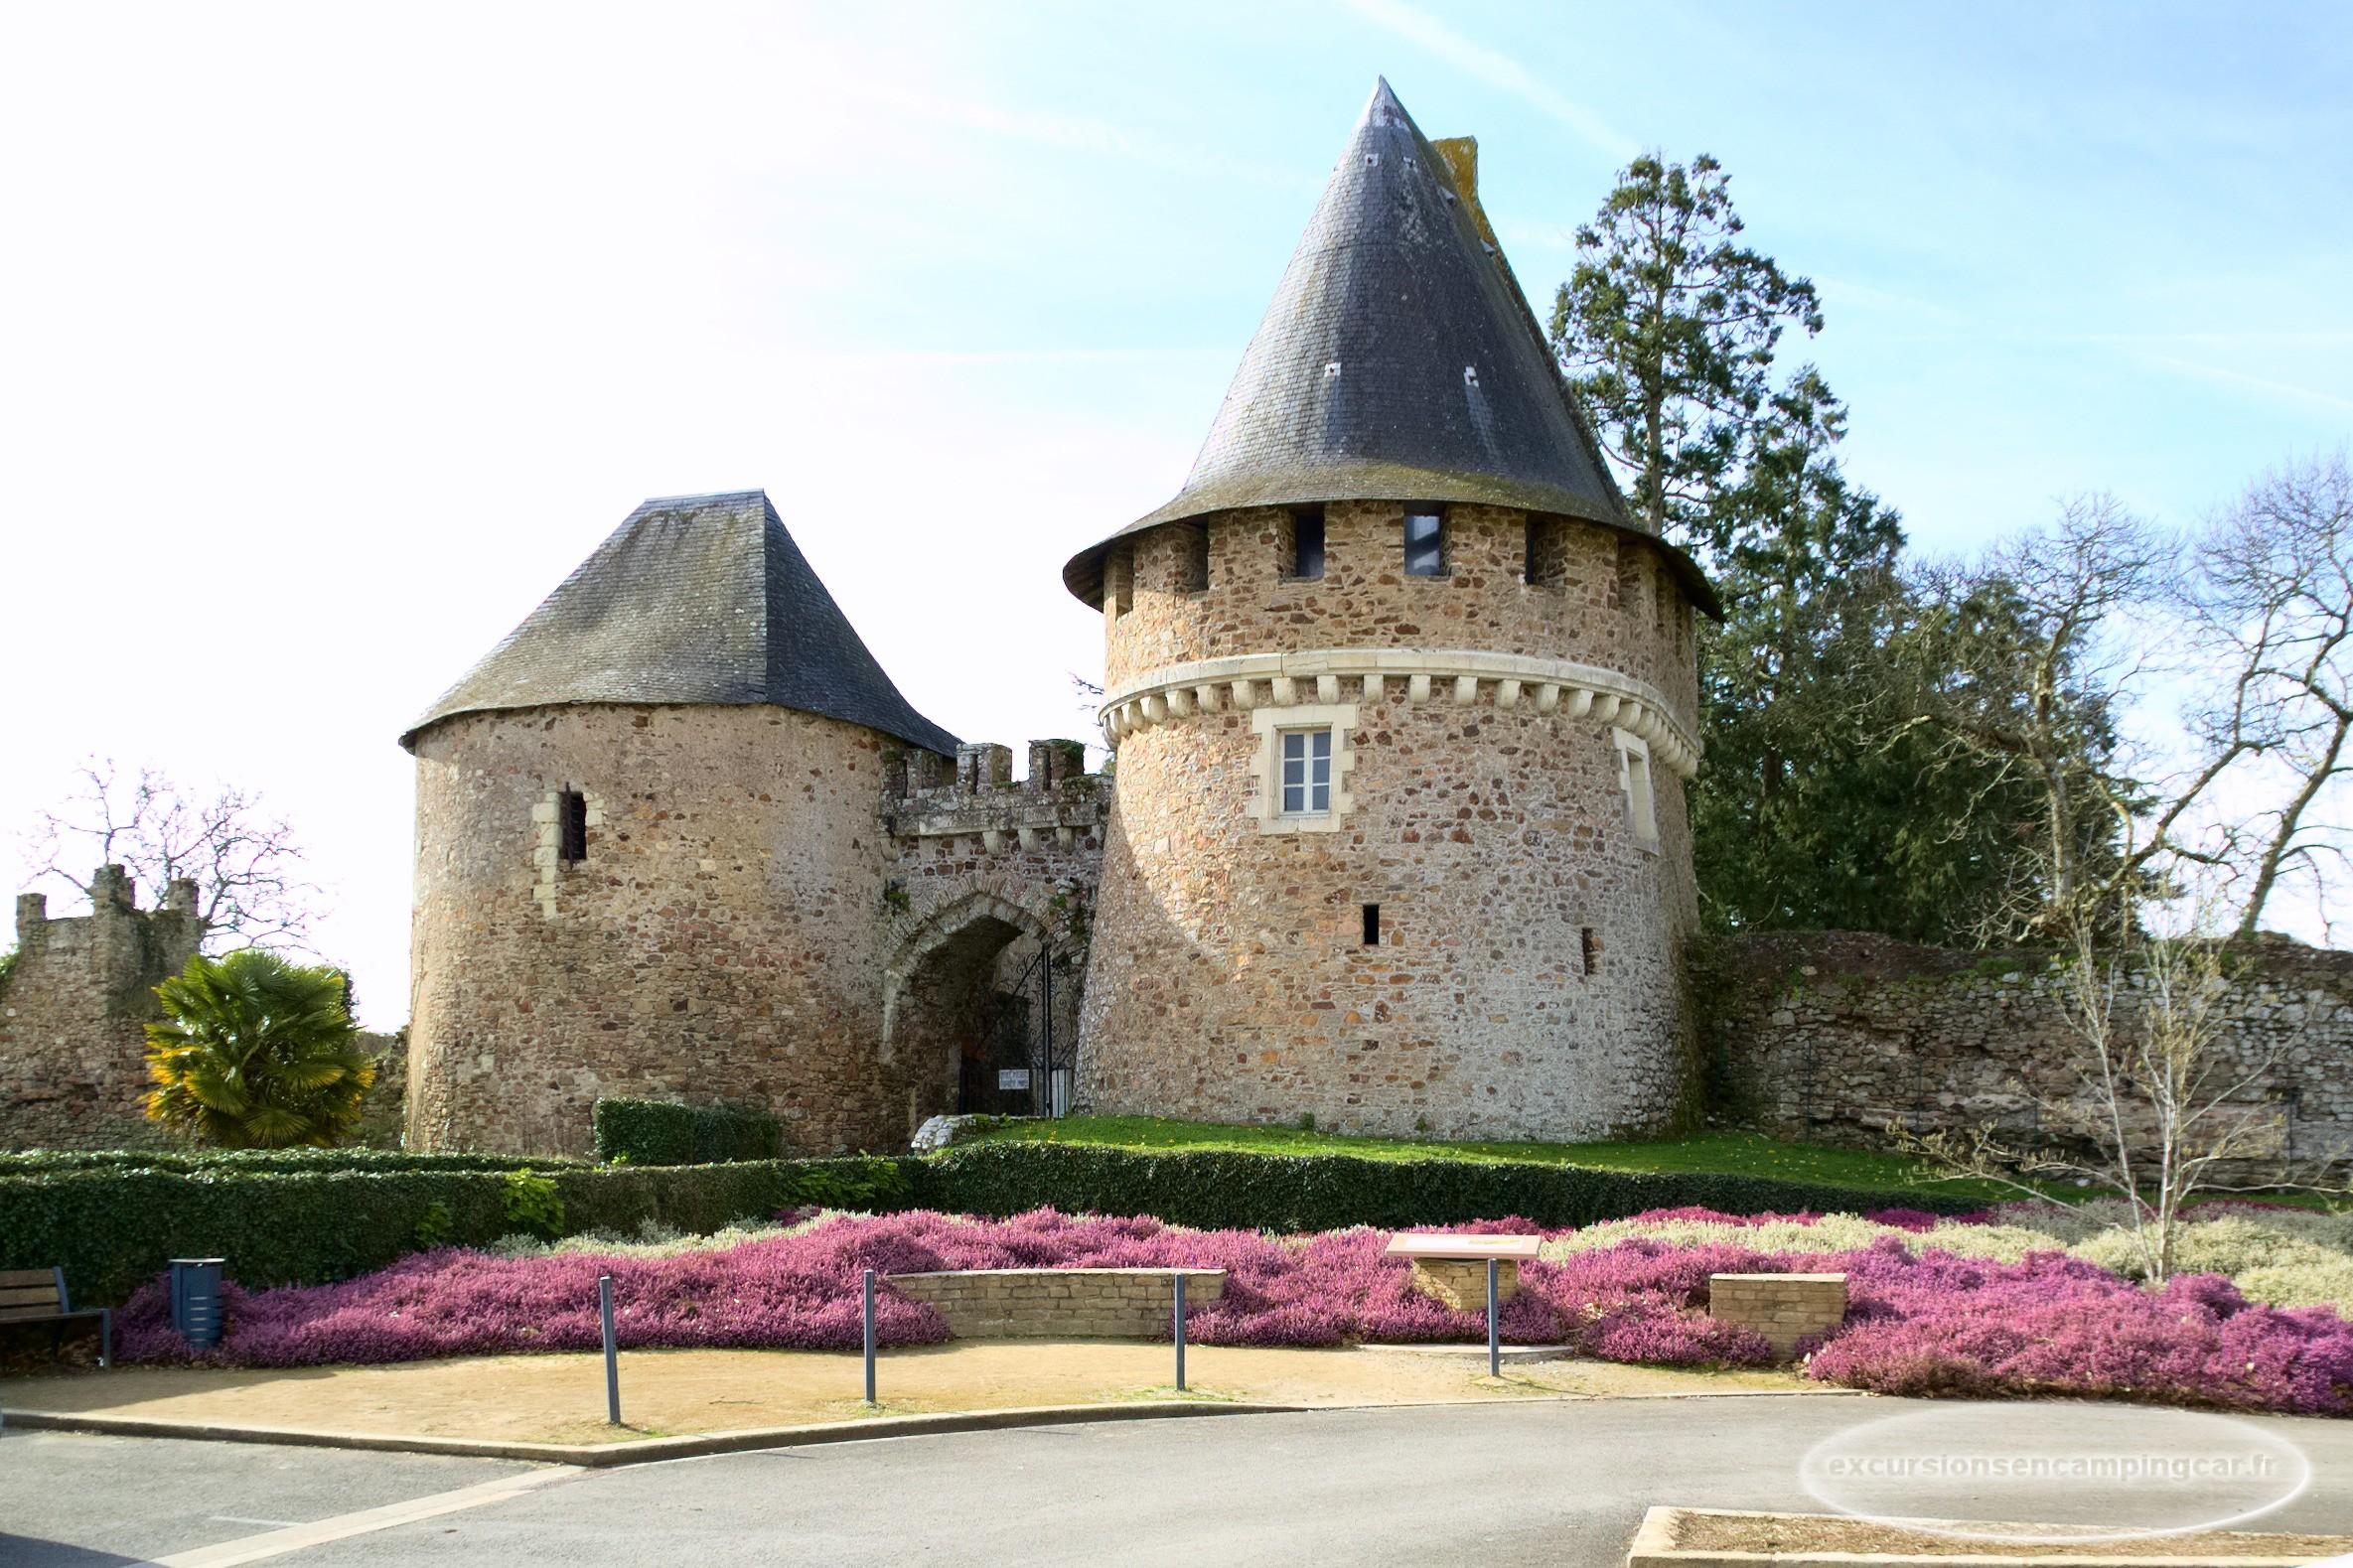 les deux tours de l'entrée de la forteresse